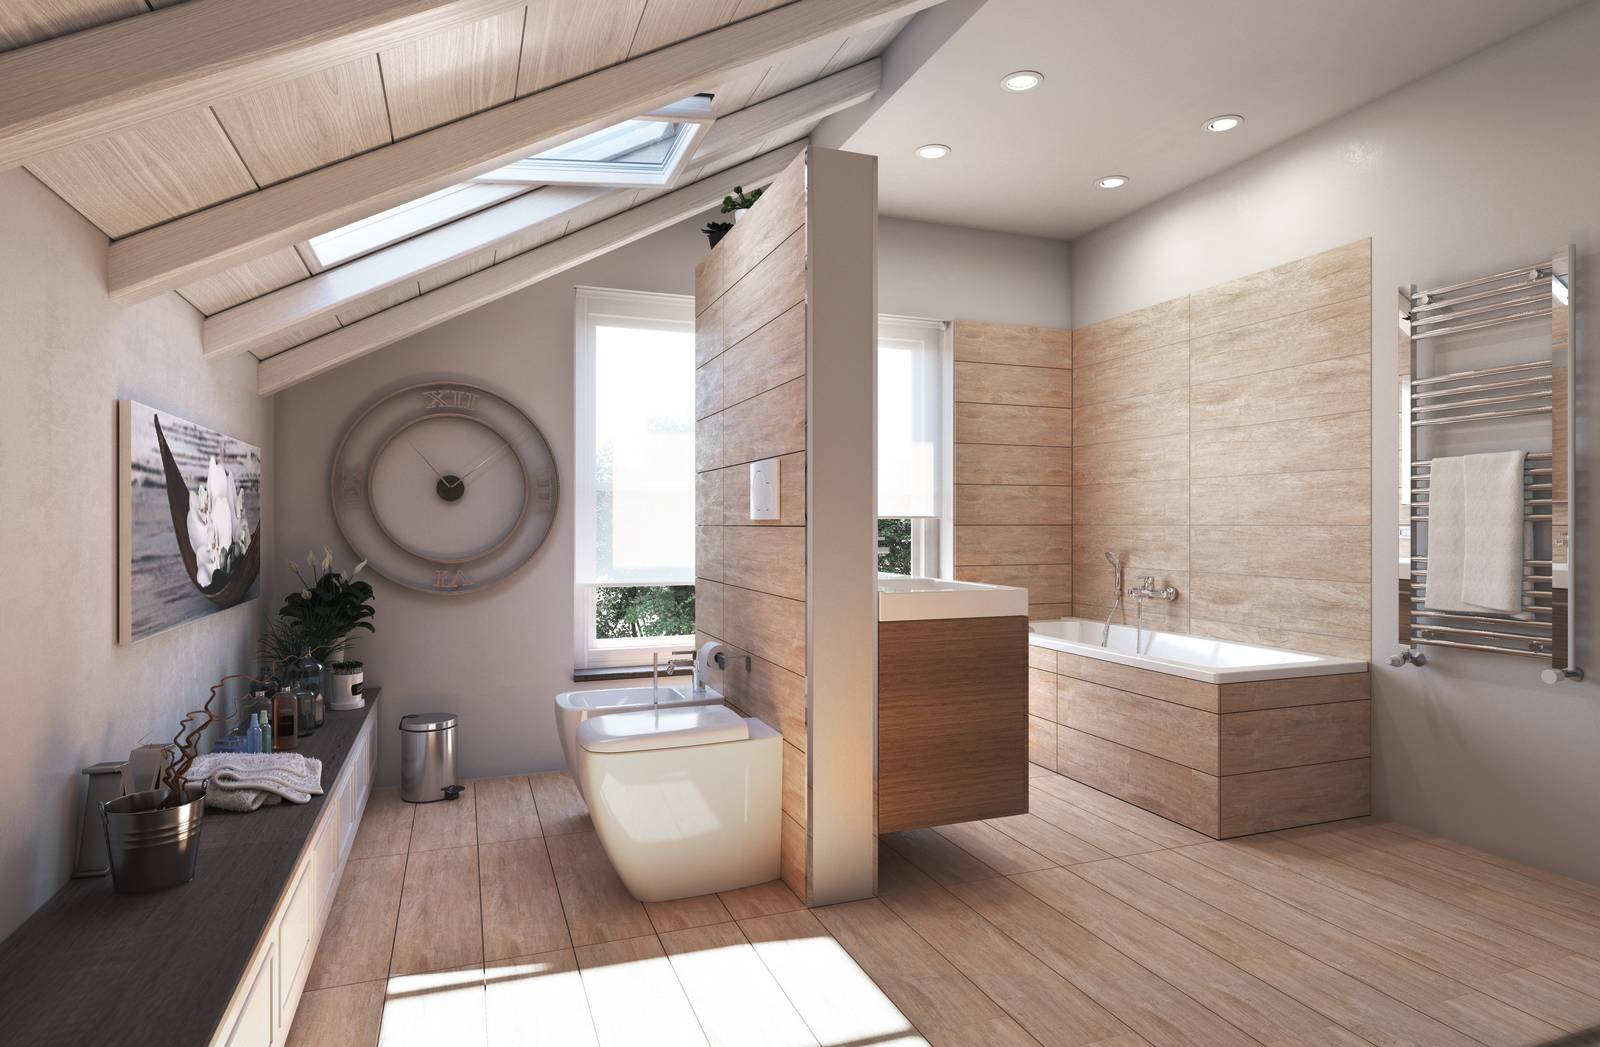 Ristrutturare il bagno in poco tempo cose di casa - Ristrutturare il bagno ...